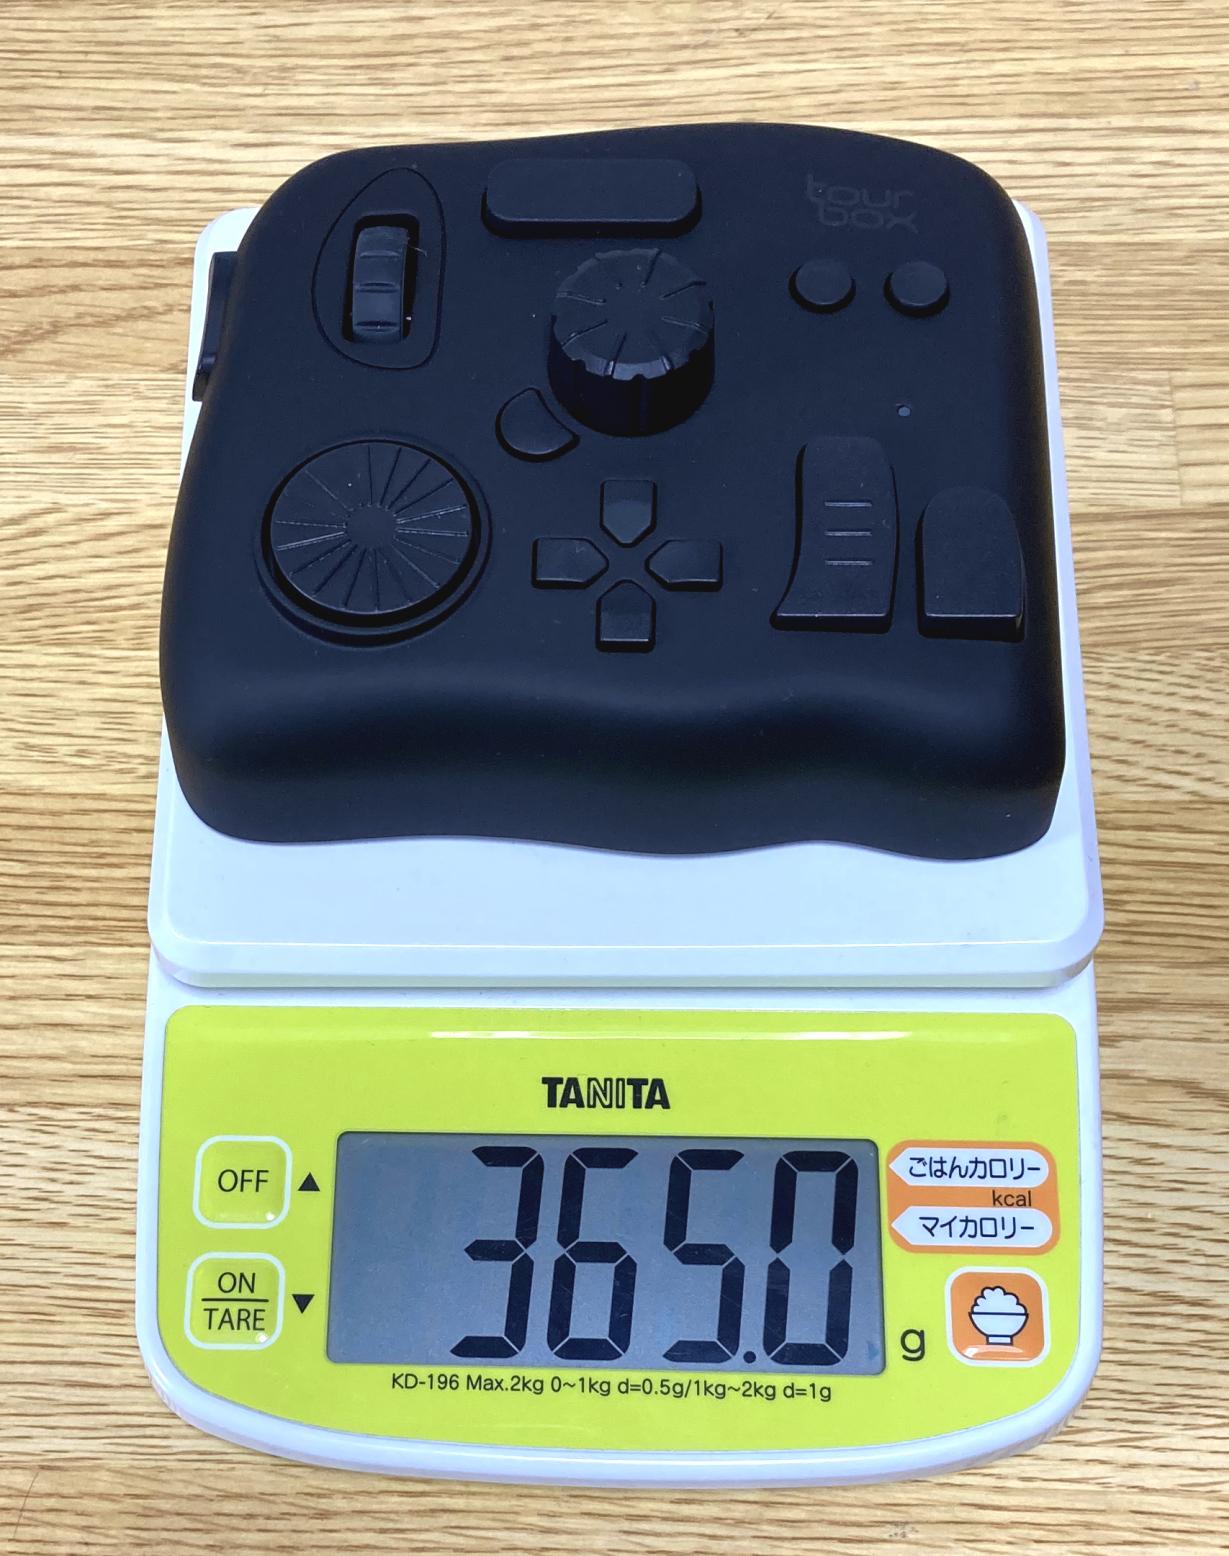 質量365gという重さ